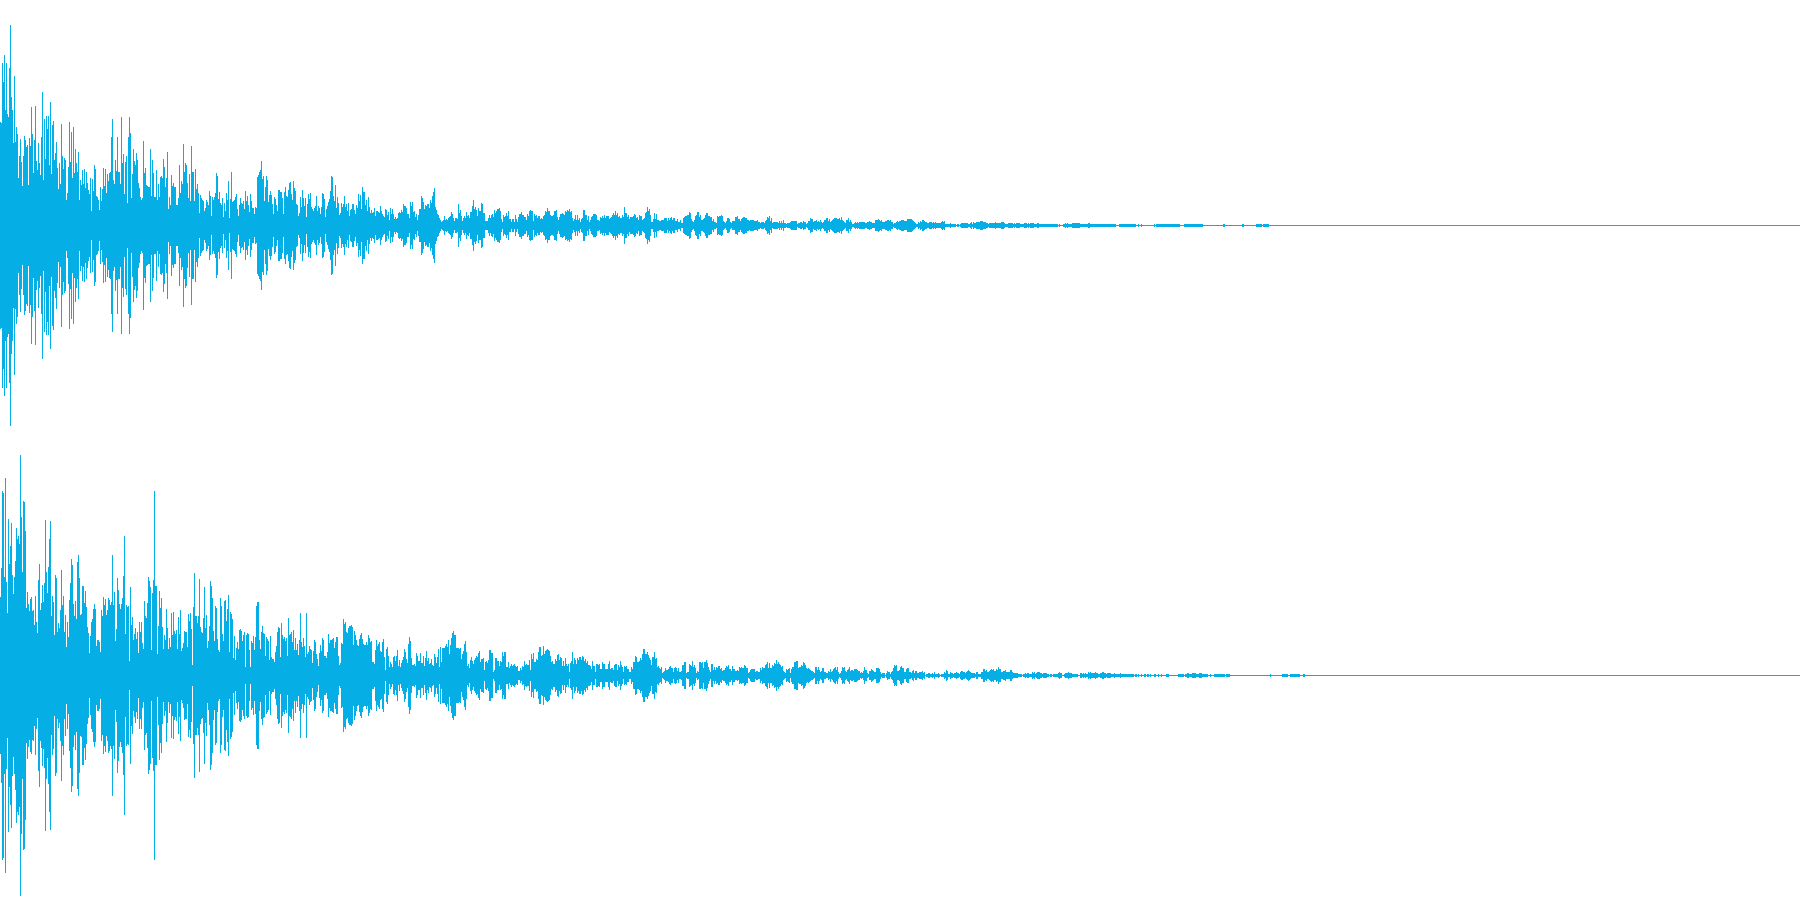 ドーン-37-2(インパクト音)の再生済みの波形